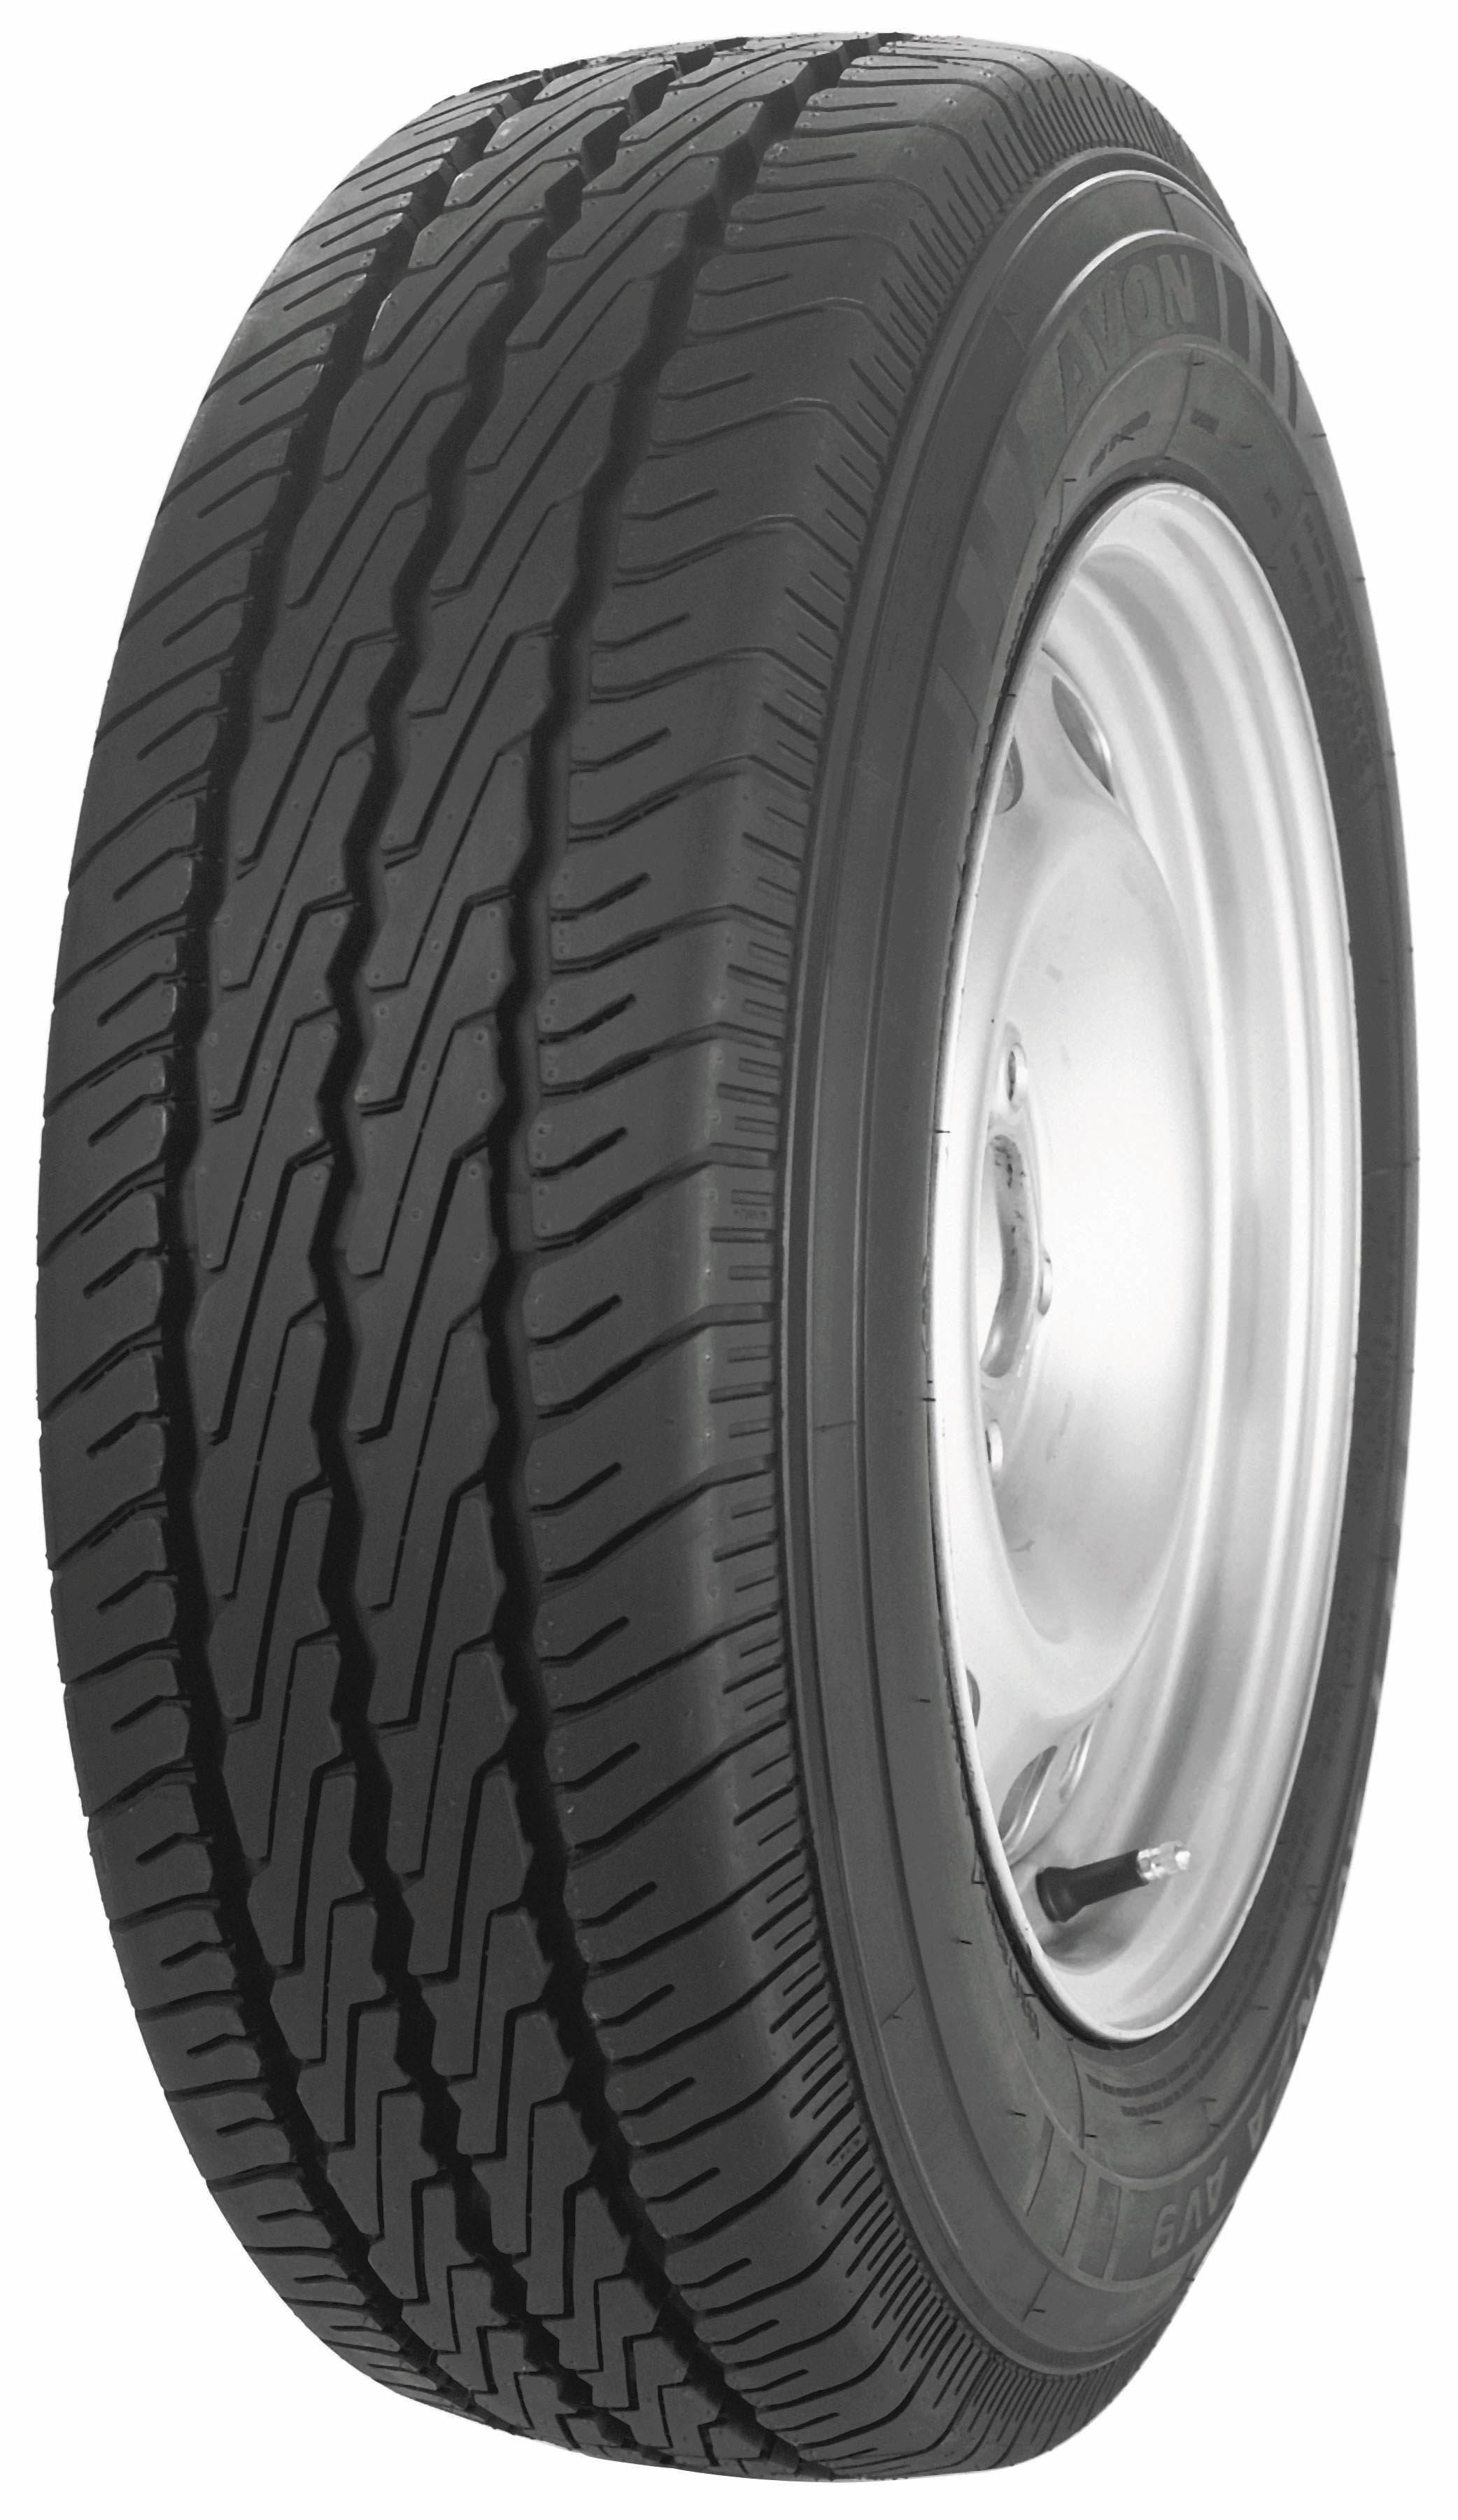 Neumático AVON AV11 195/75R16 1071 R